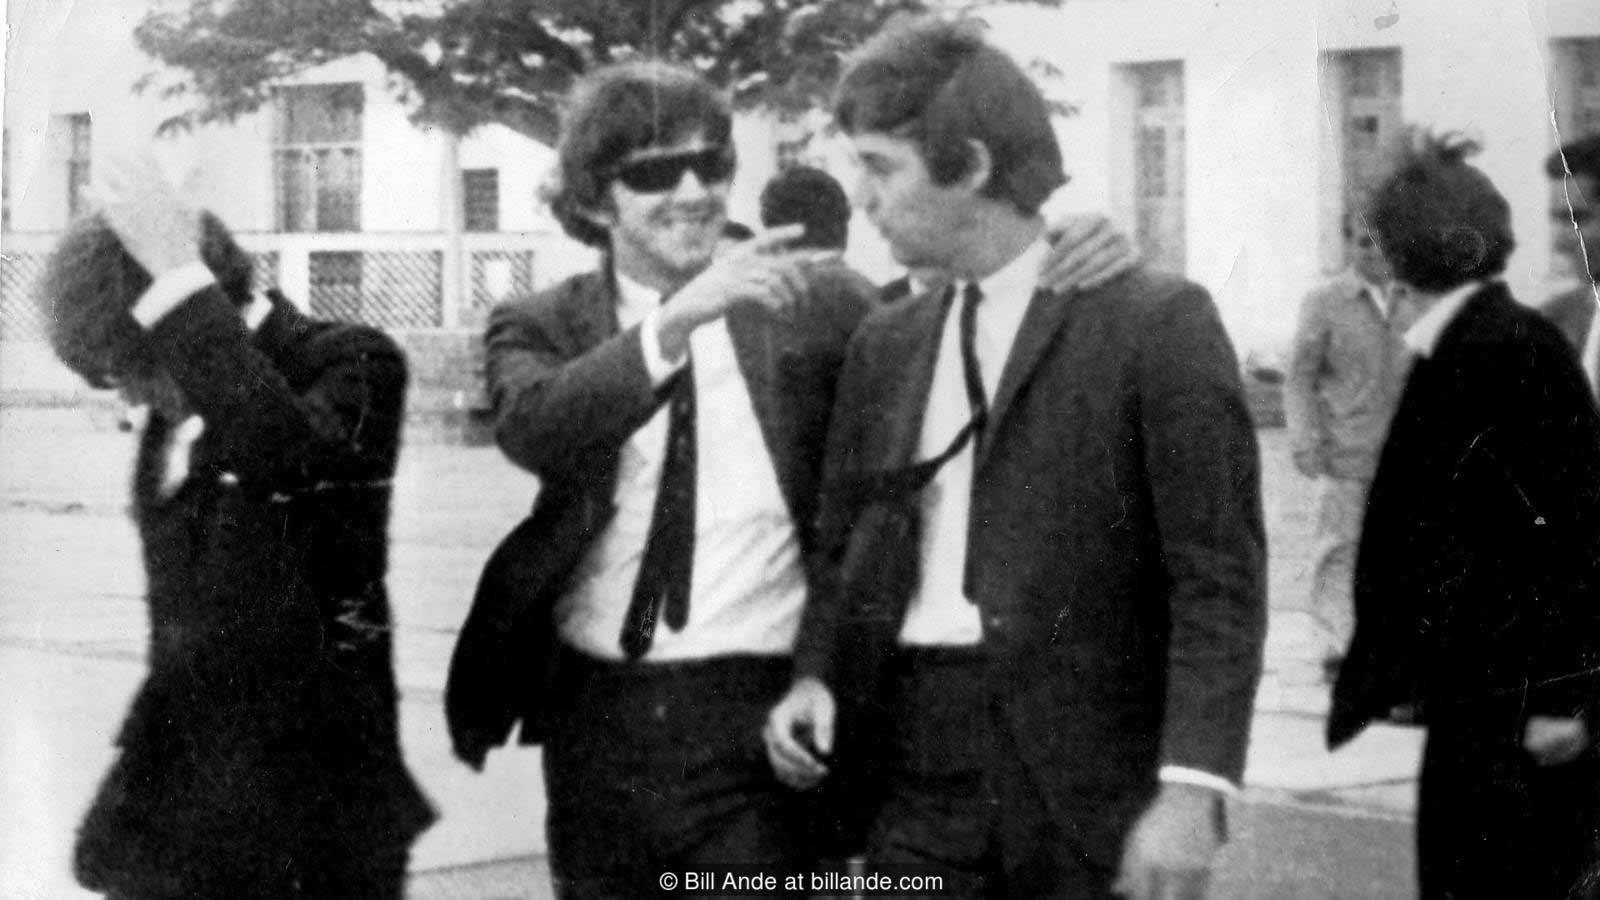 Възмущението от фалшивите Бийтълс продължава в медиите до края на декември 1964 г.